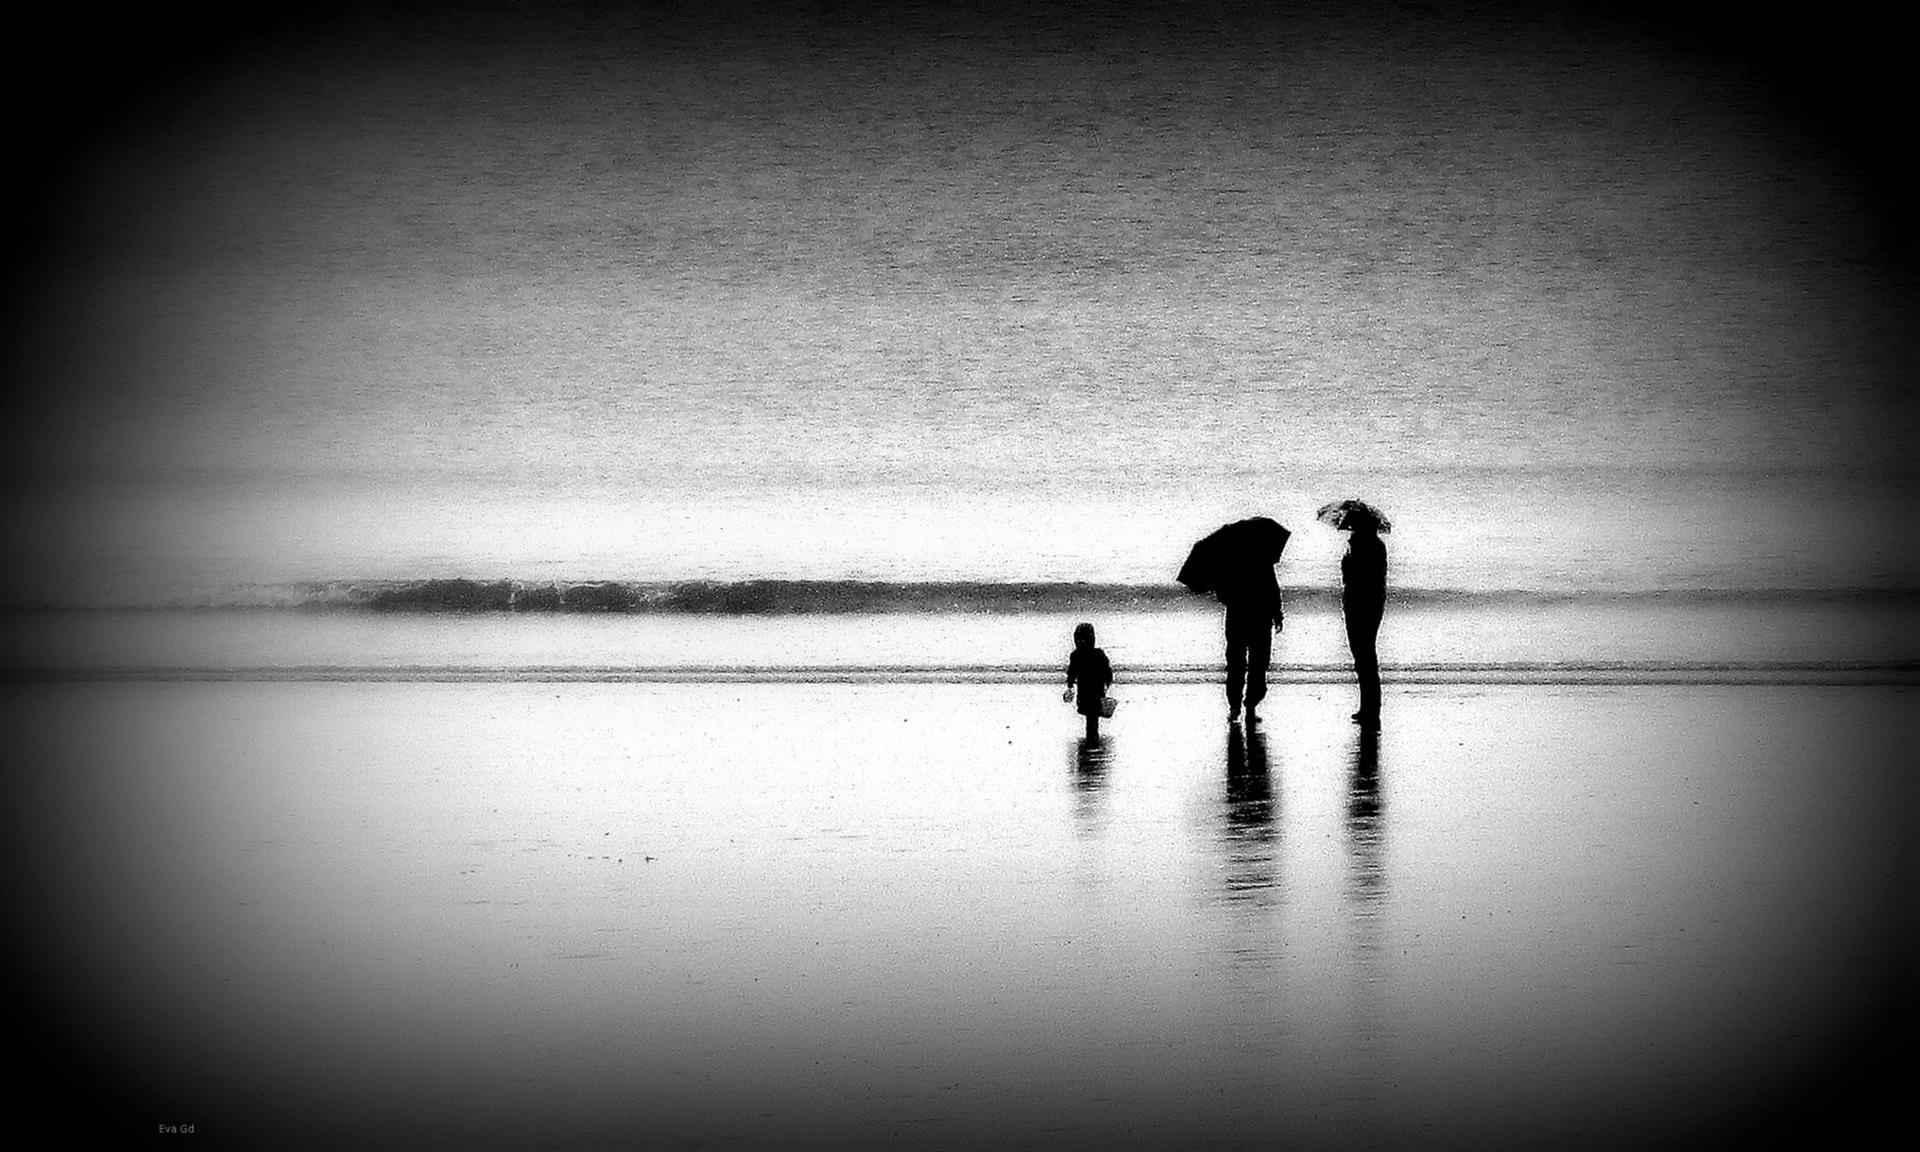 Les jours de pluie ...